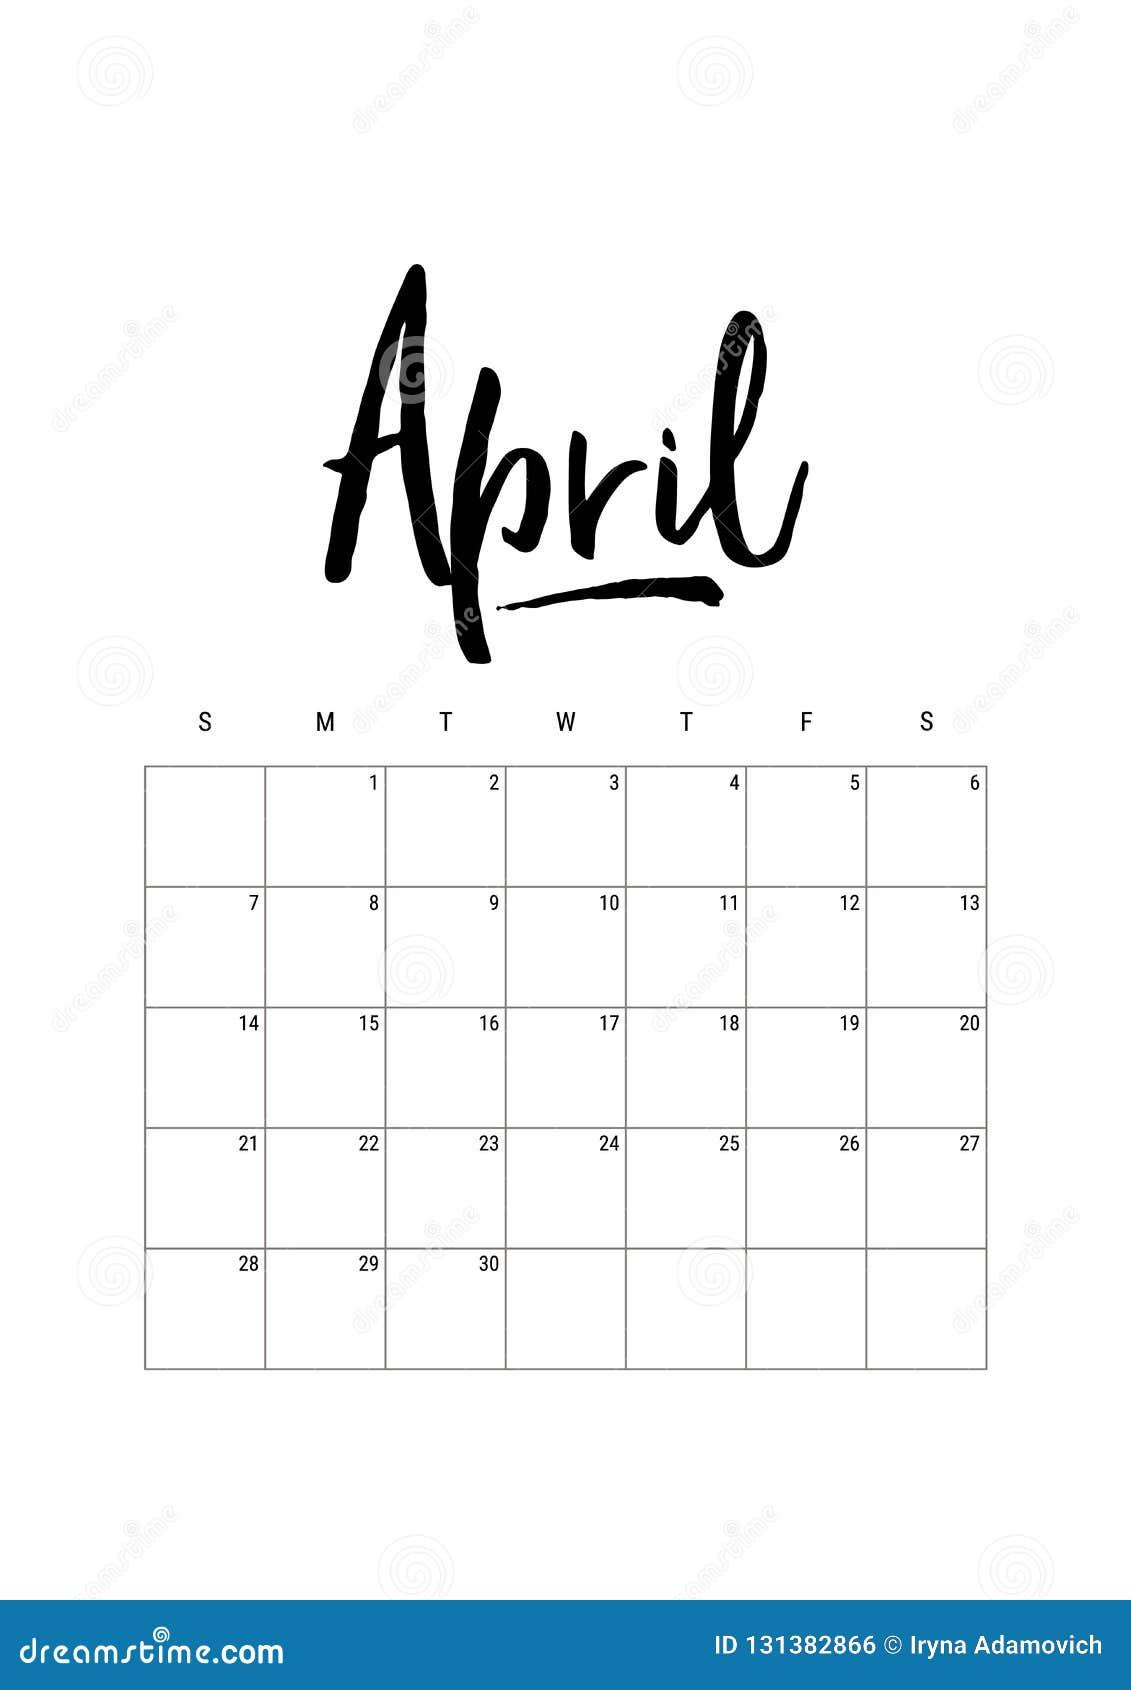 April Calendar Planner 2019 Week Starts On Sunday Part Of Sets Of